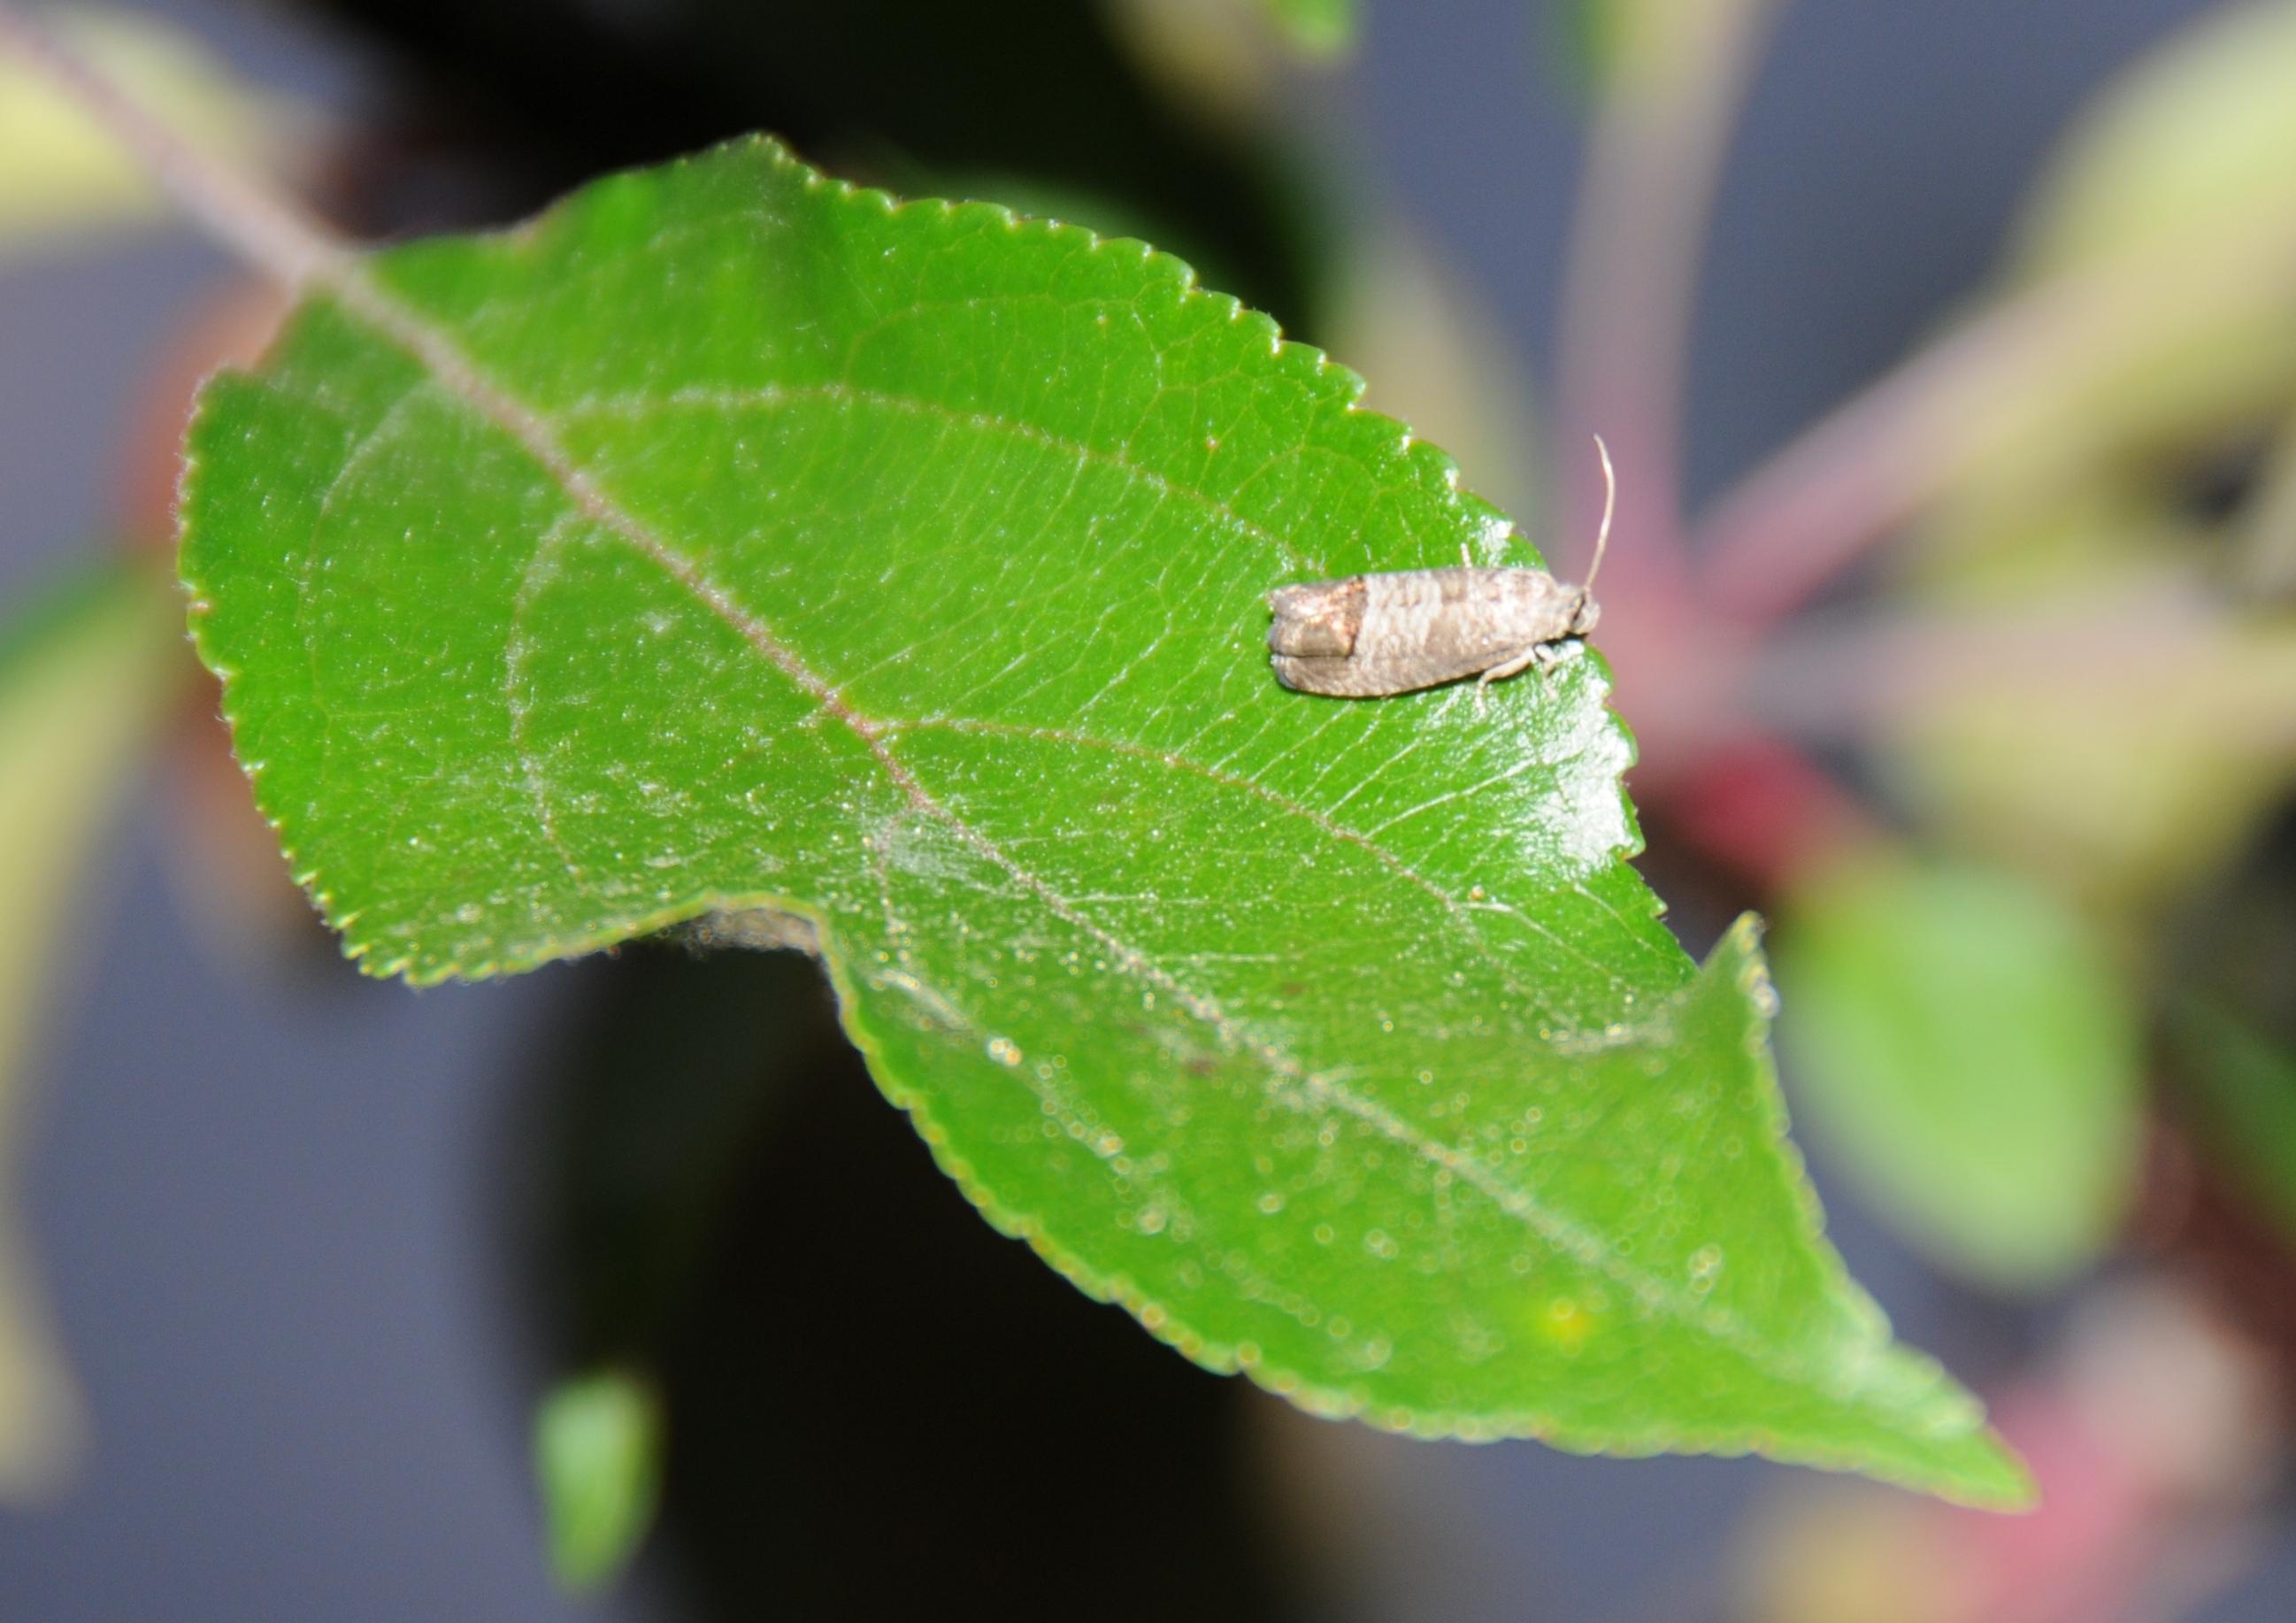 Adult Codling Moth Resting on Crabapple Leaf